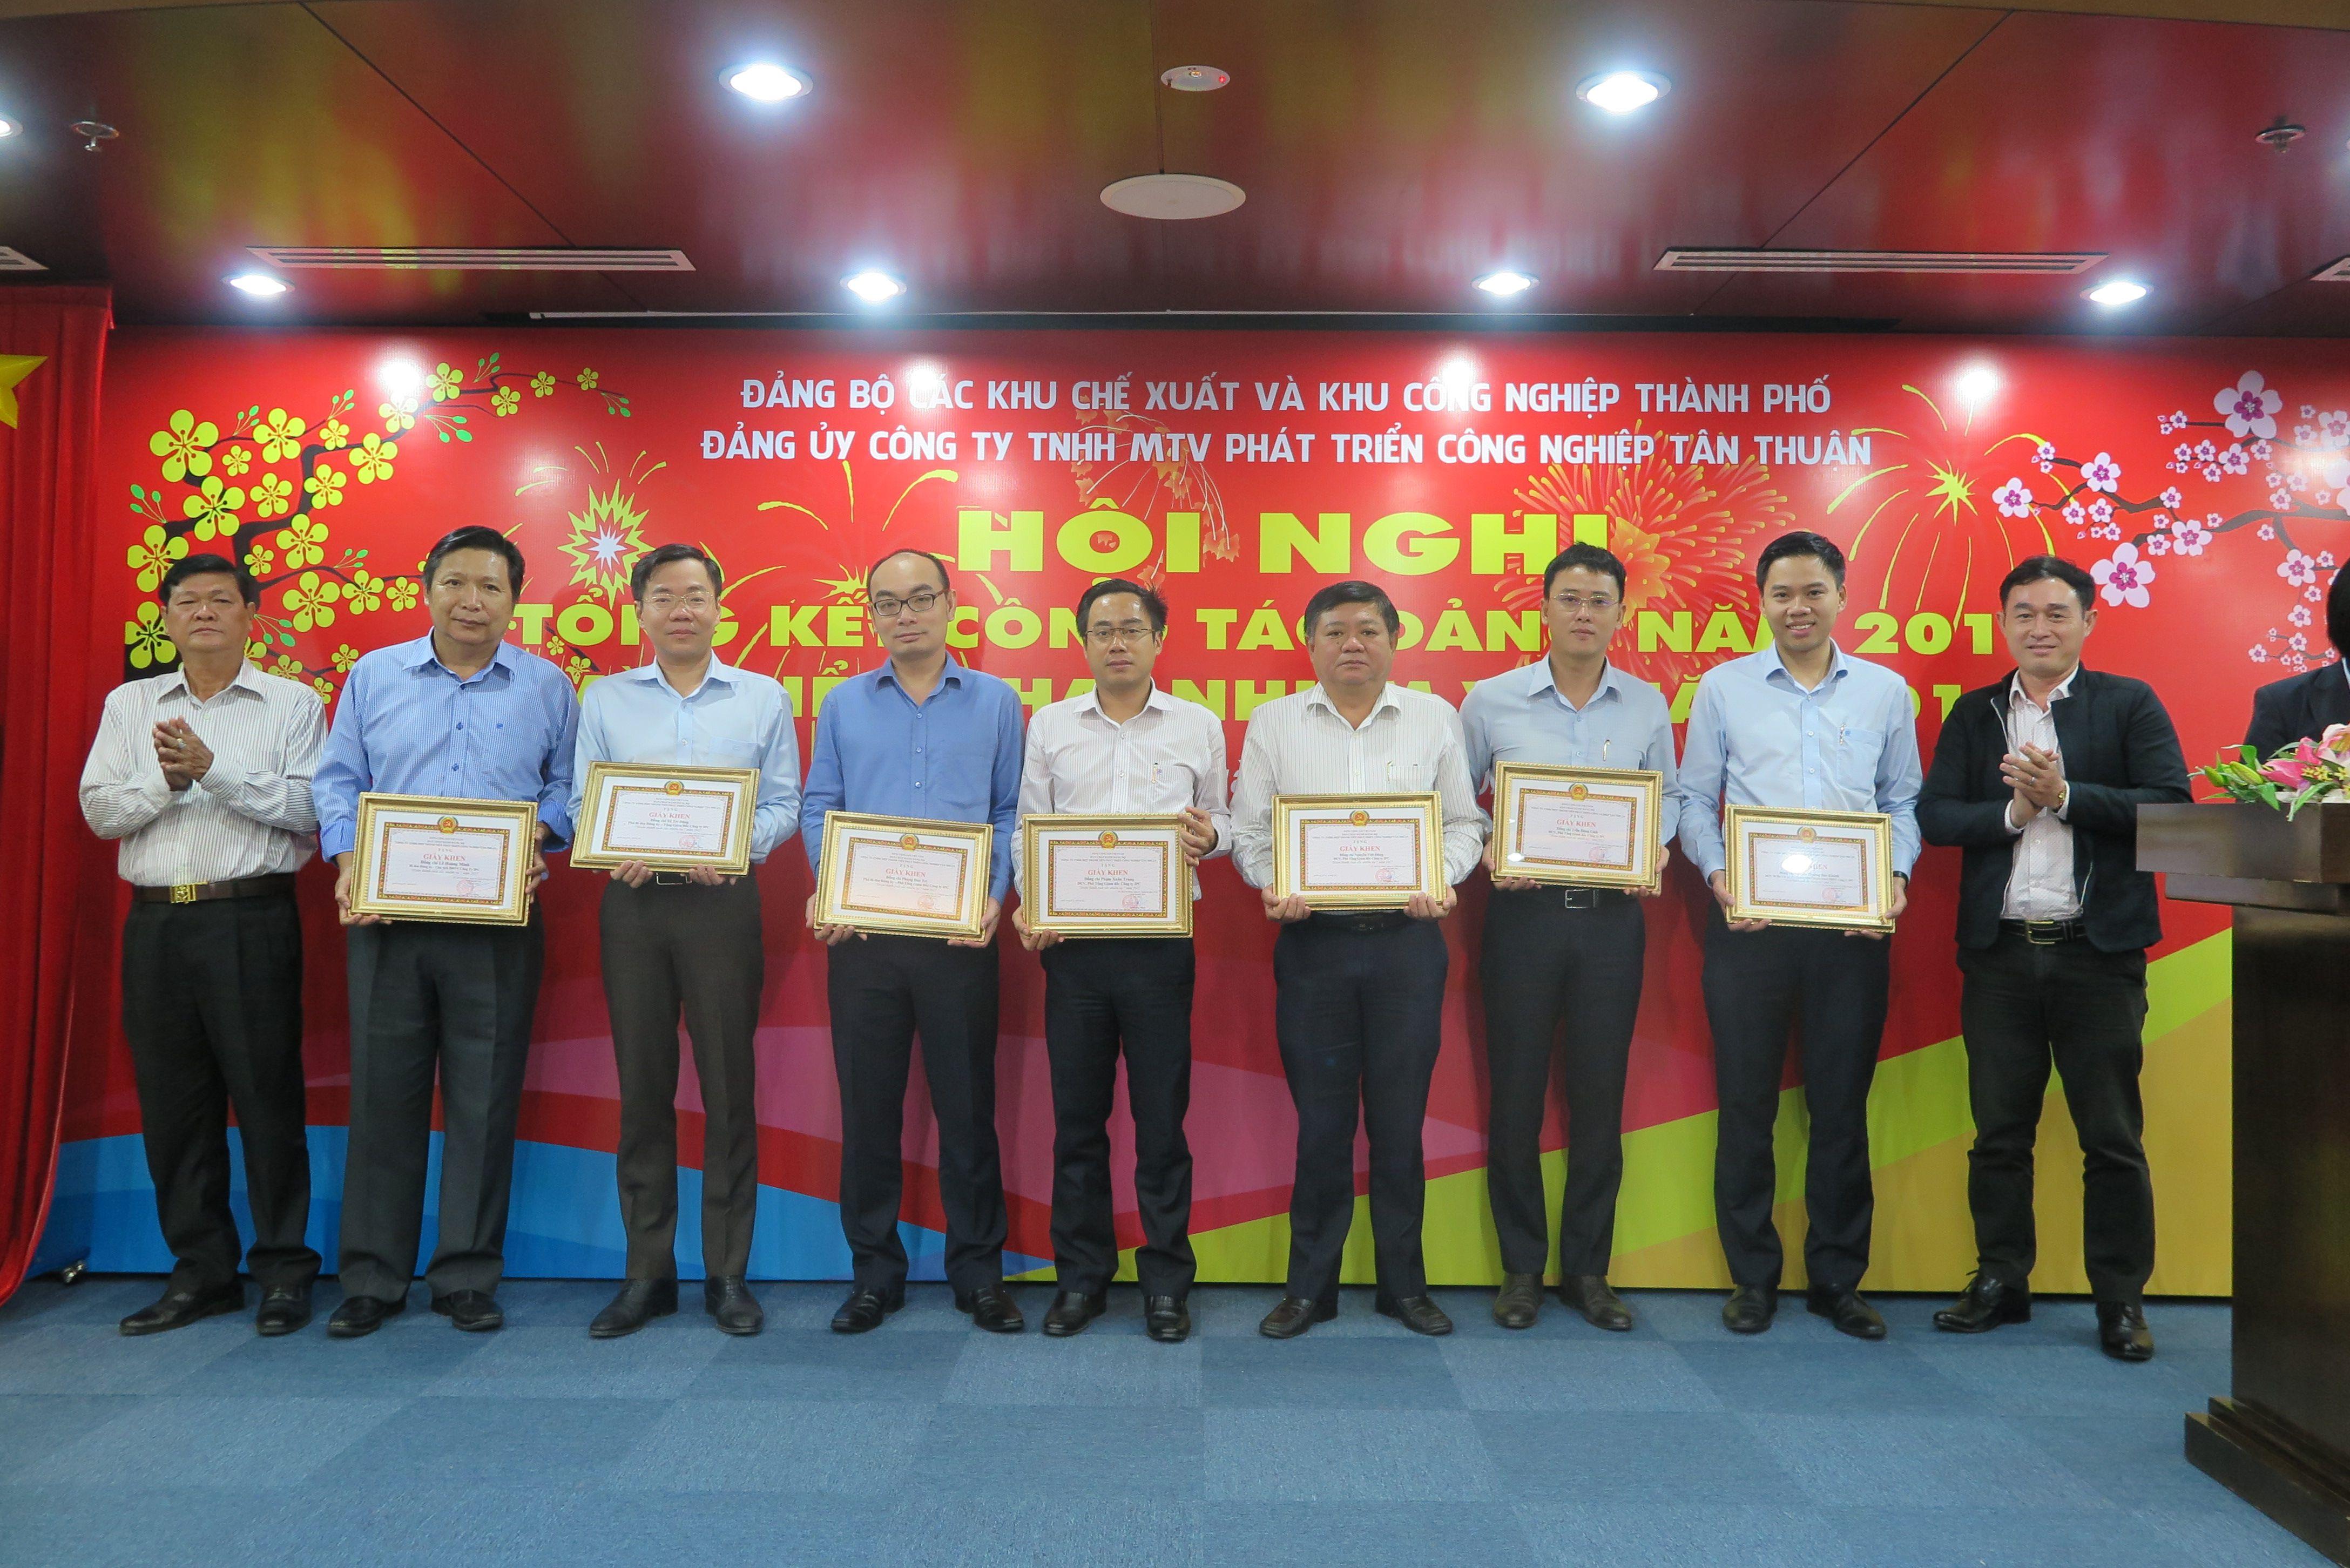 Tổng kết hoạt động năm 2017 của Đảng bộ IPC